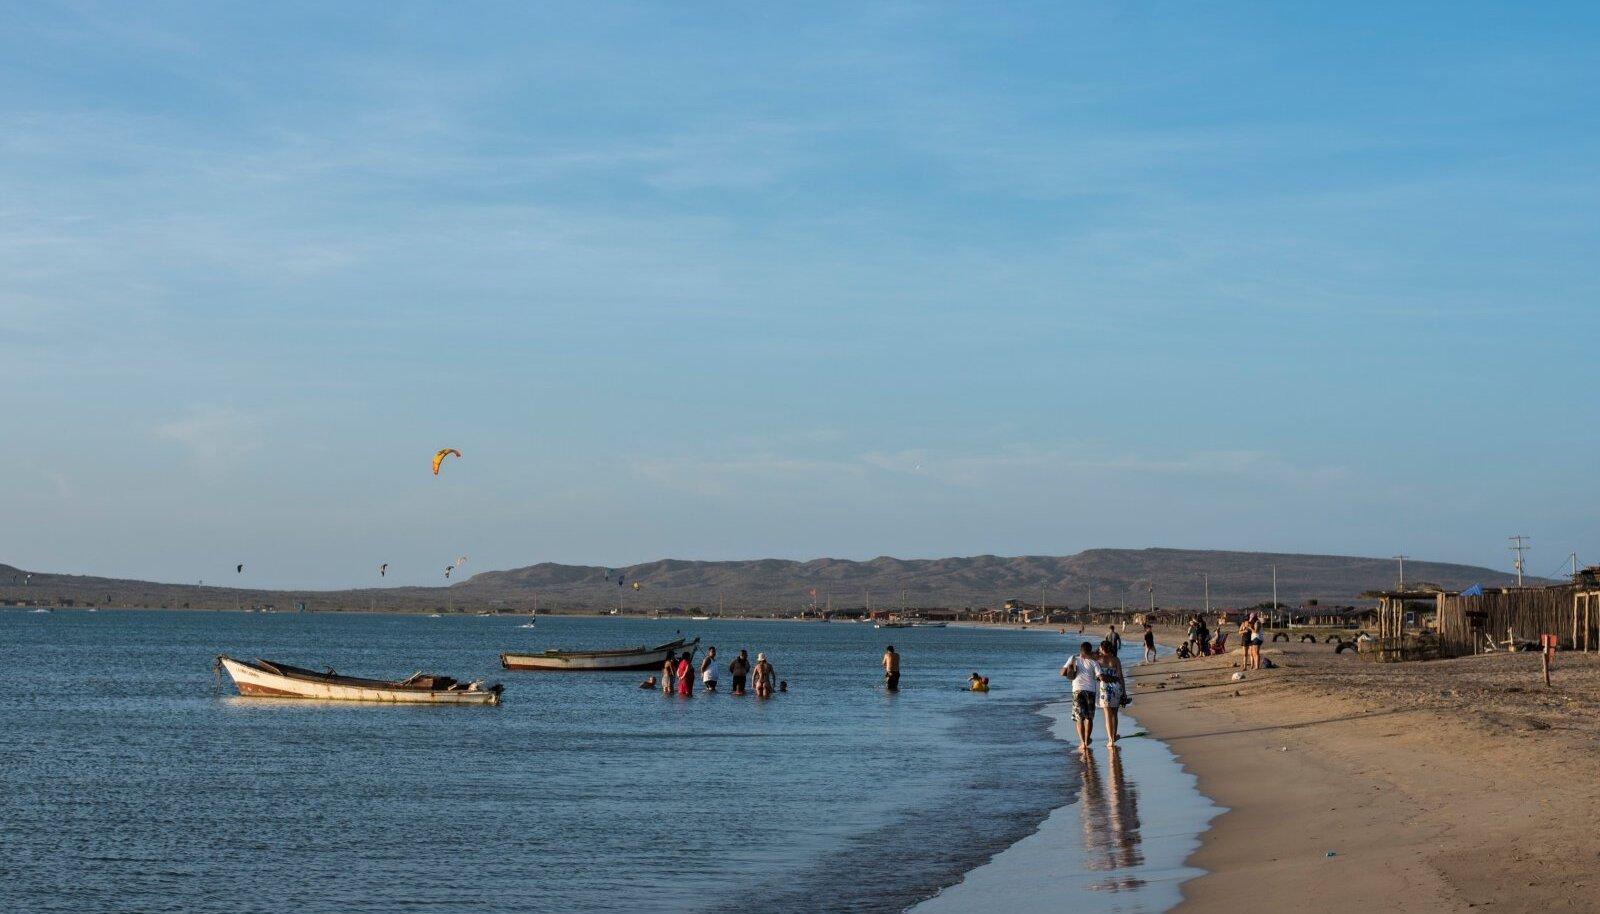 Cabo de la Vela, Colombia. Colombia põhjatipus Guajira poolsaarel elav põlisrahvas vajuud on kuulsad kogu Lõuna-Ameerikas – hispaanlased ei suutnud neid ega nende külasid kunagi alistada. Vajuud elavad hea meelega edasi oma esivanemate maal, millel on peale päikese, liiva ja tuule vähe pakkuda. Kui kunagi tähendas see kasinat elu, siis nüüd on lohesurfarid valmis läbi kõrbe sinna kohale ekslema, et päevade kaupa merel kihutada ja õhtul rannas kalarestoranis vaadata, kuidas öises taevas Kariibi mere kohal tähed ükshaaval süttivad.